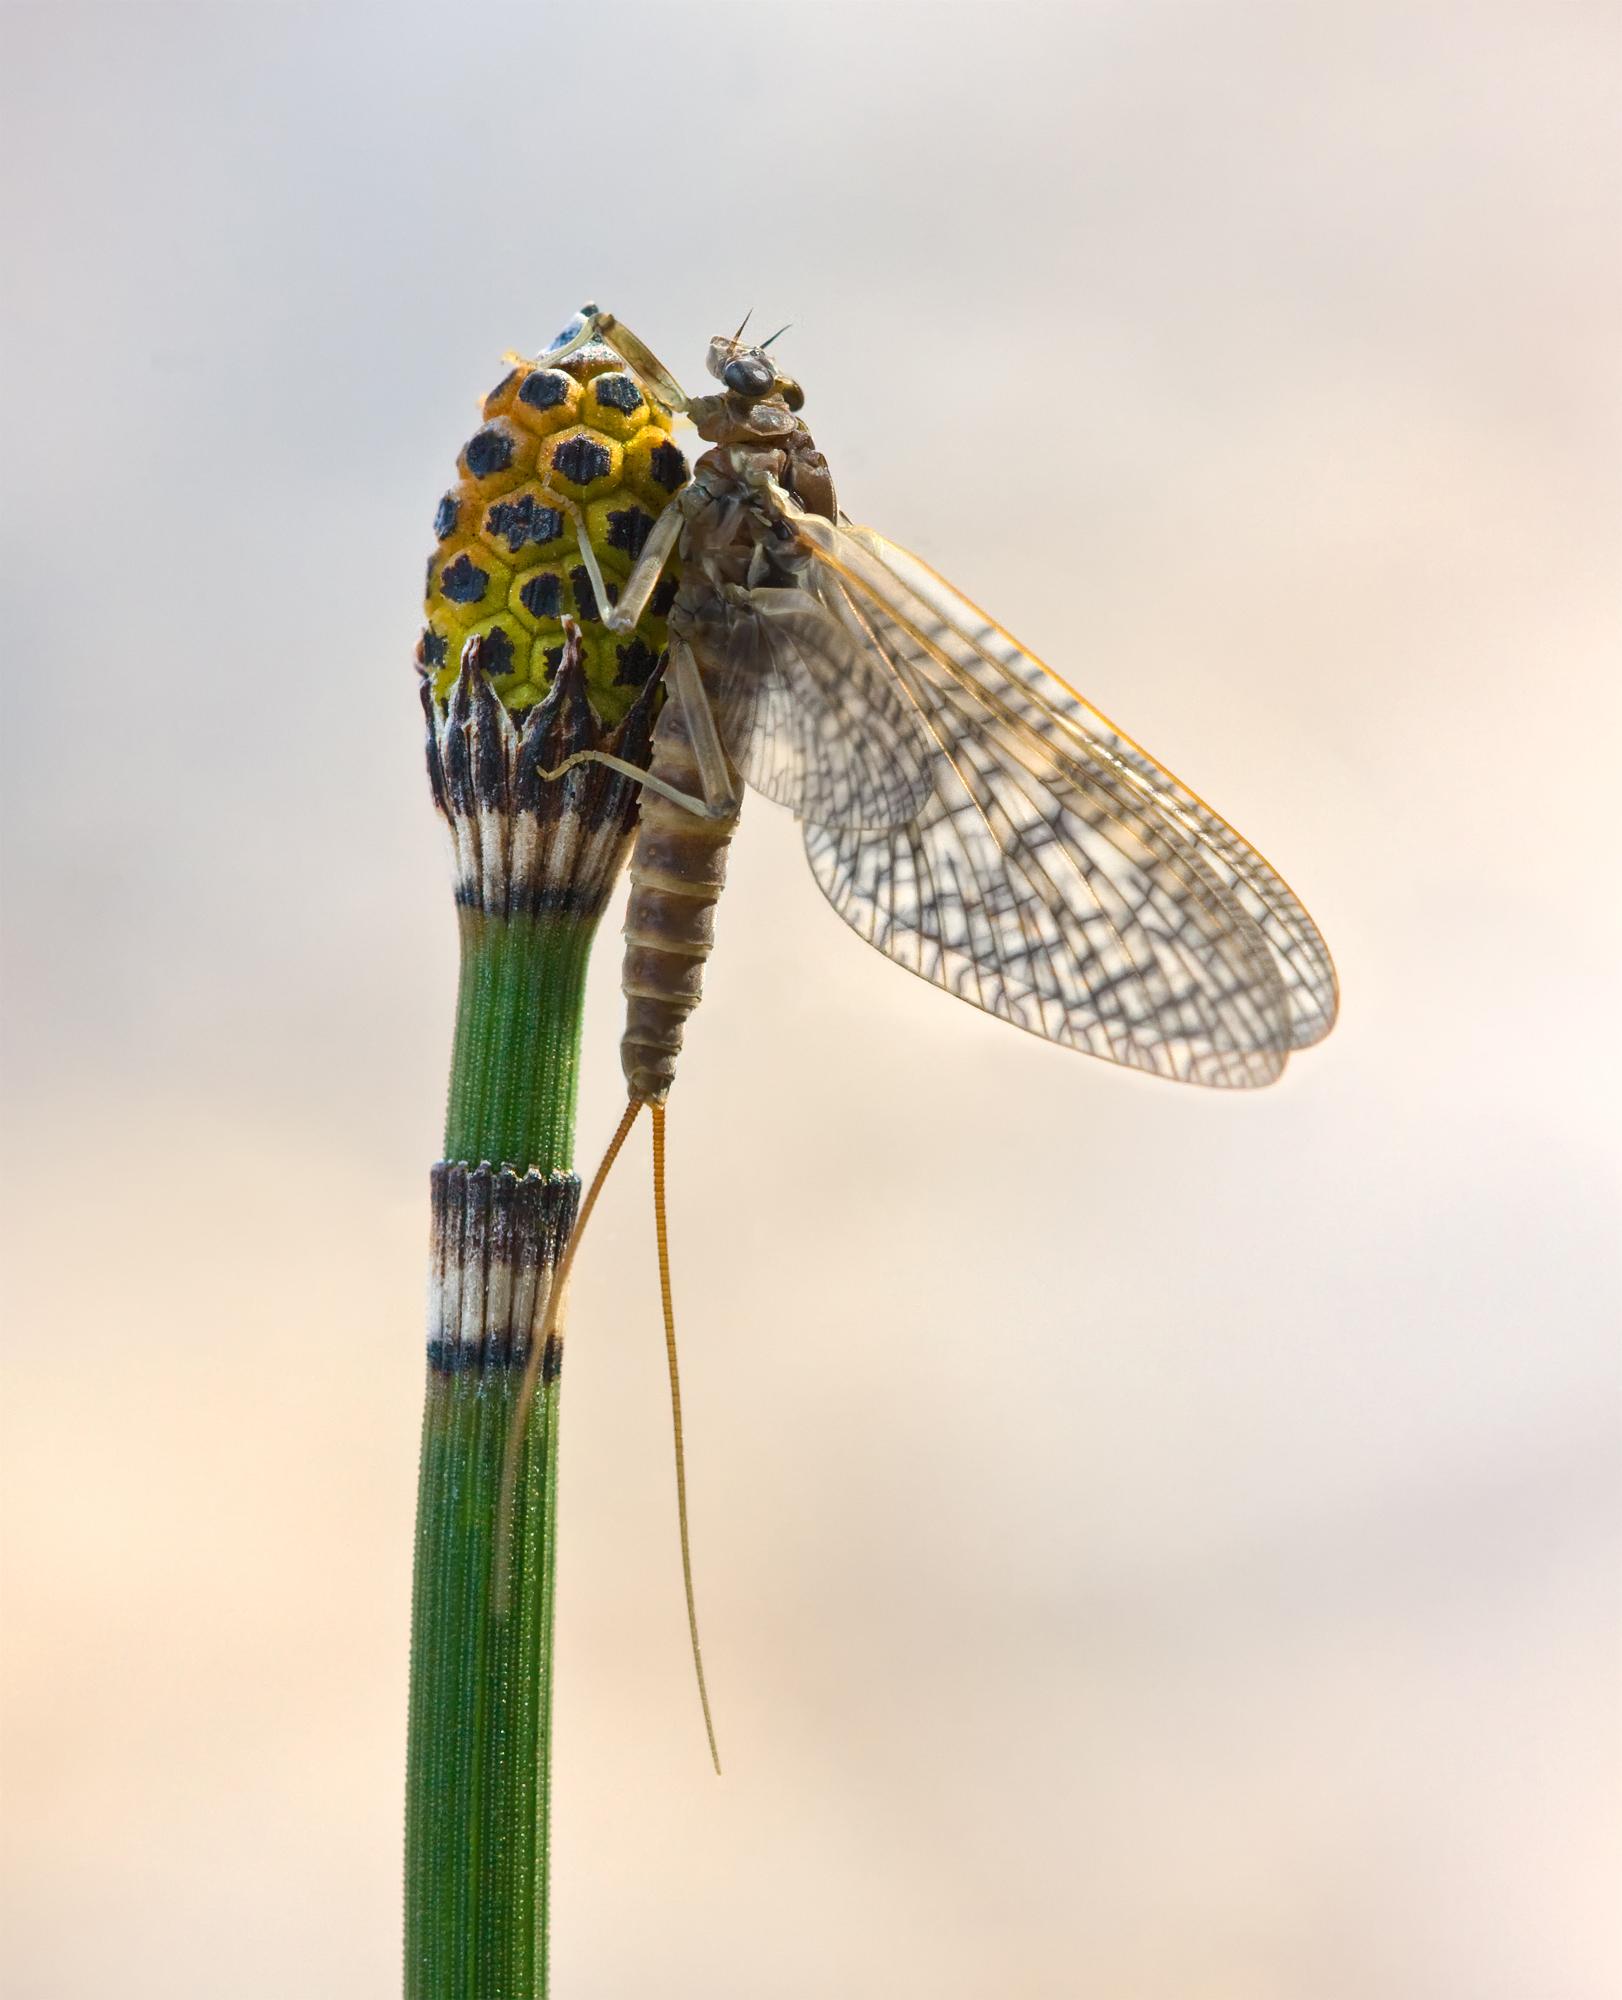 Mayfly - Wikipedia